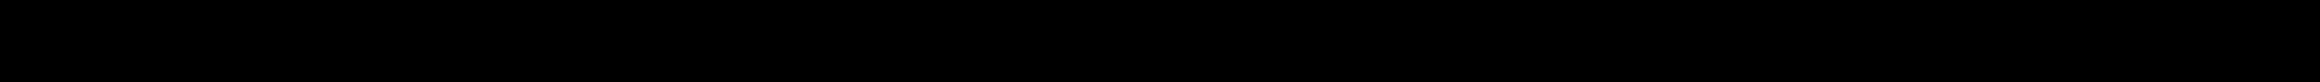 MANN-FILTER T11-1117110, 91159804, 91559804, 453 470 04 00, A 453 470 04 00 Kraftstofffilter